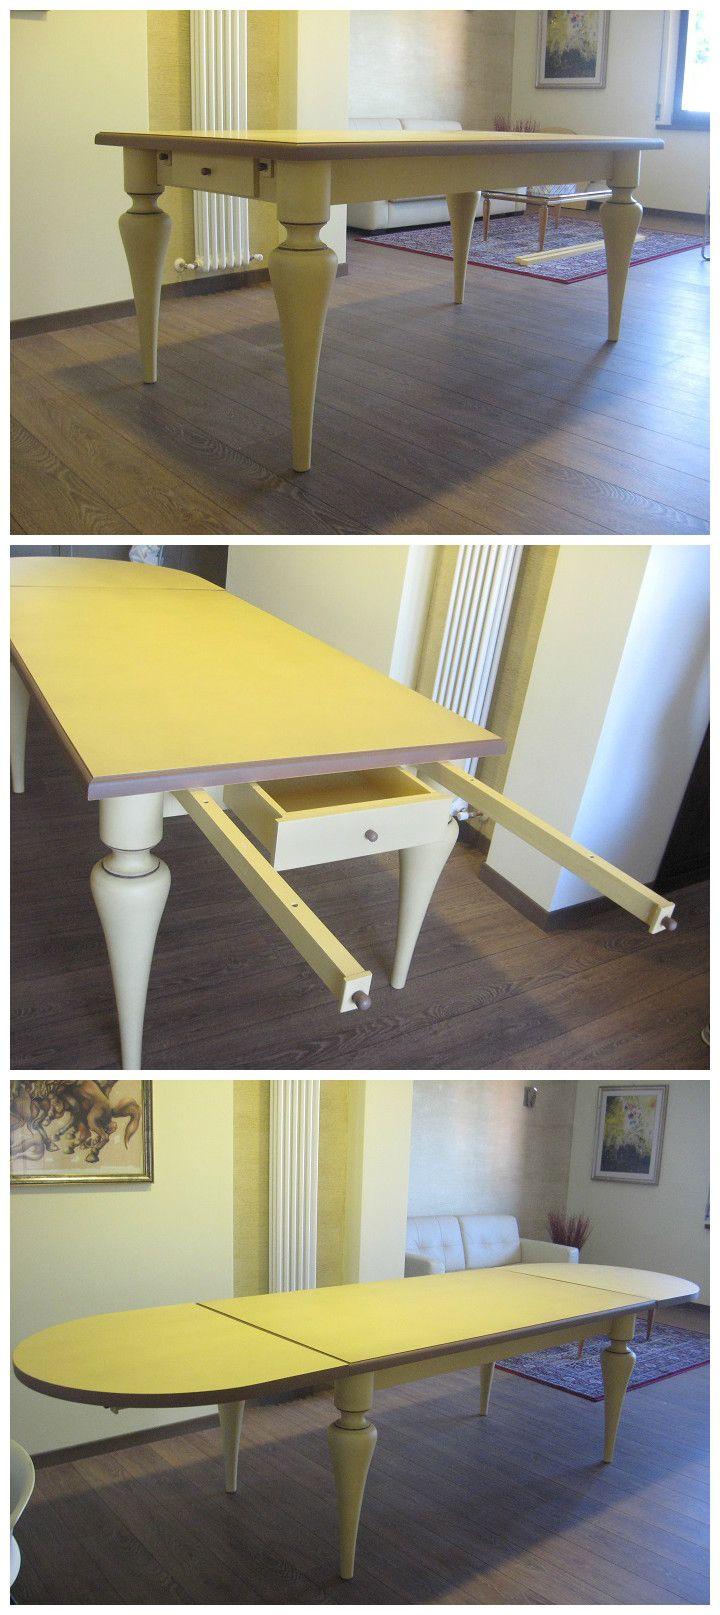 Tavolo classico in legno frassino massello con gambe tornite, due cassetti, e supporti estraibili per doppia prolunga ad arco